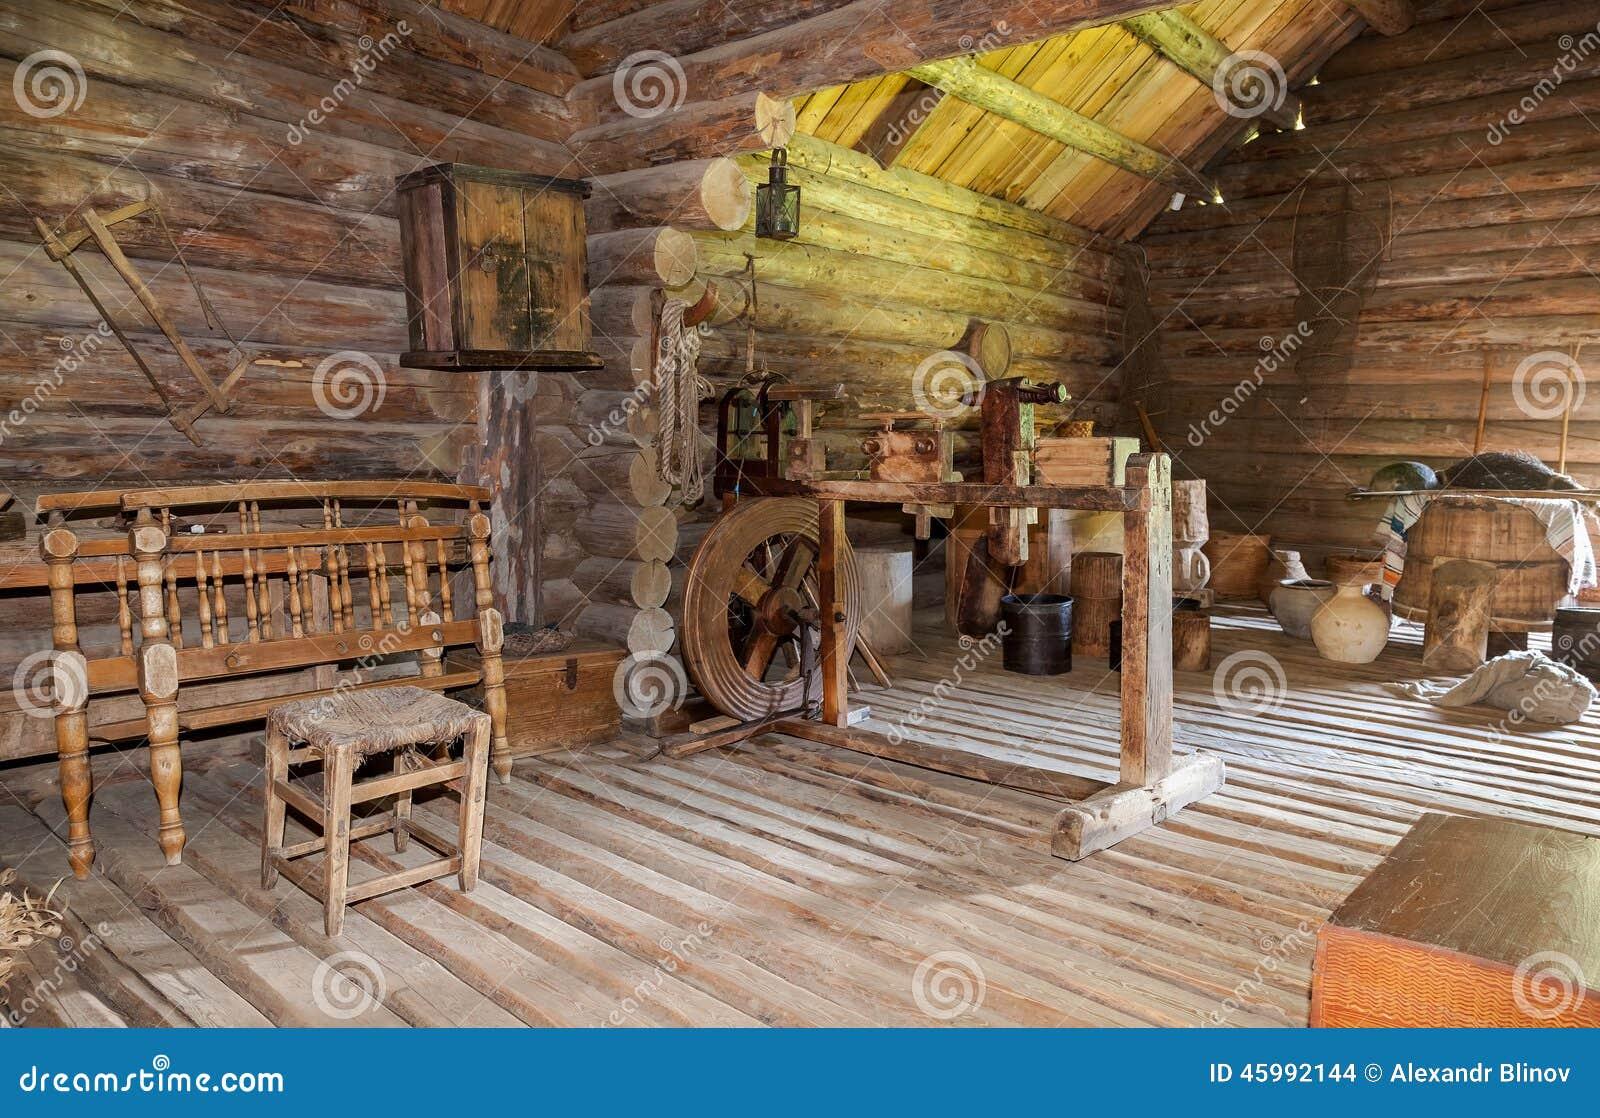 Interno di vecchia casa di legno rurale immagine stock for Maison de campagne interieur